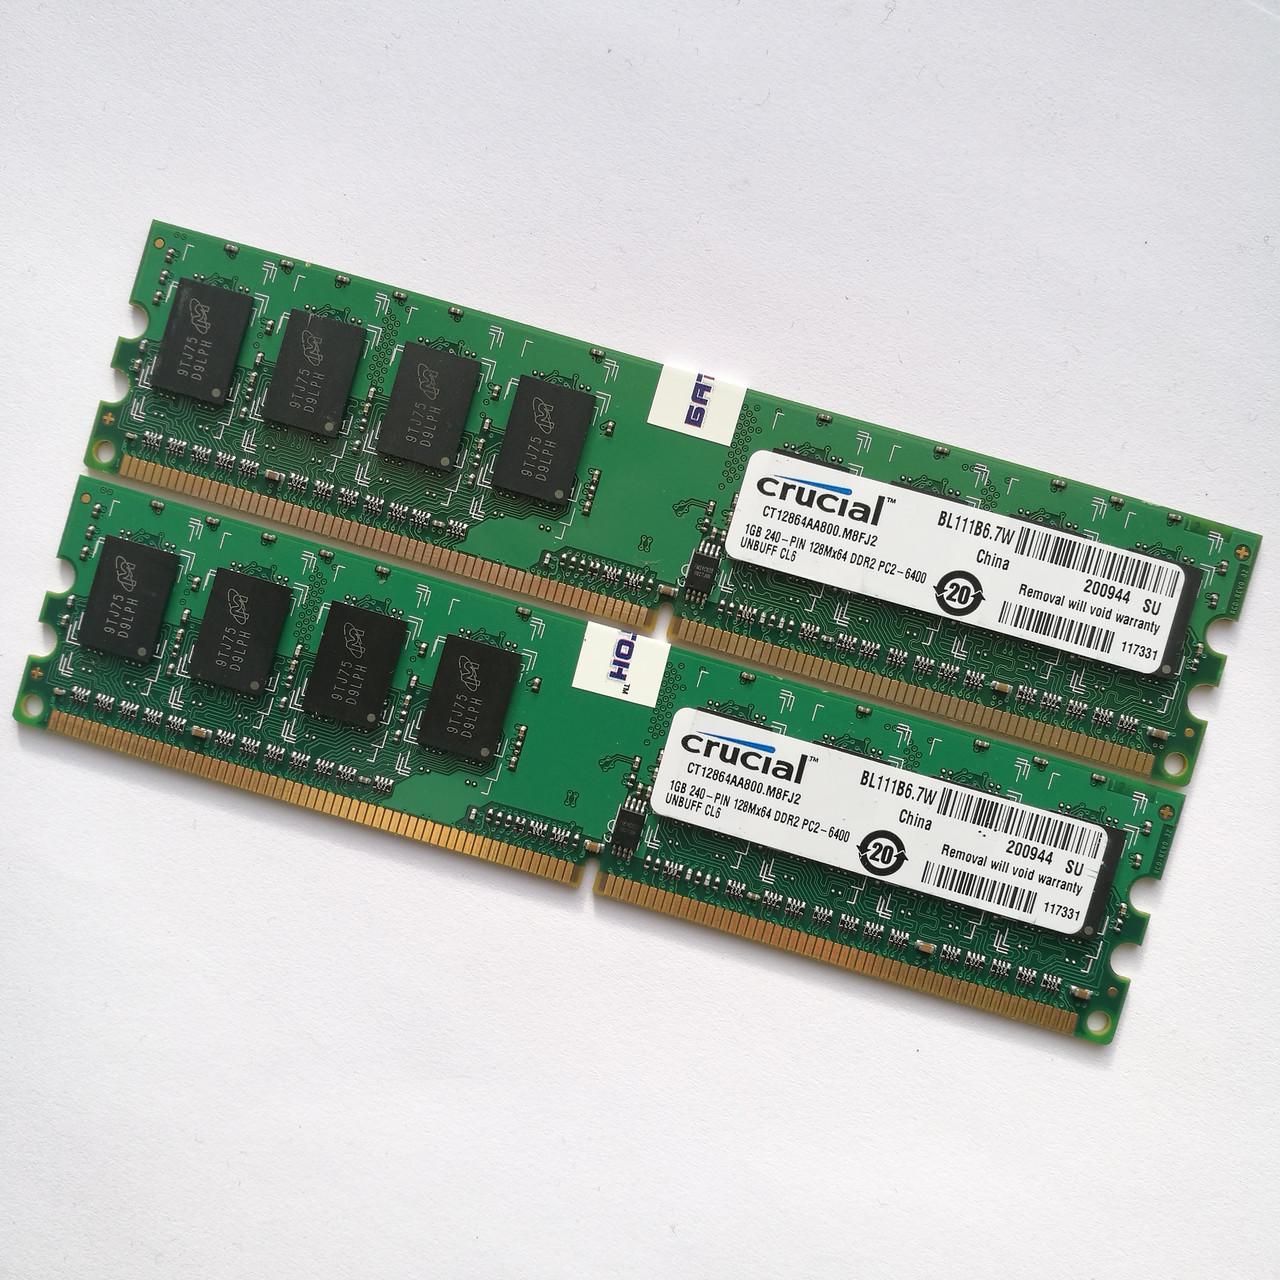 Комплект оперативной памяти Crucial DDR2 2Gb (1Gb+1Gb) 800MHz PC2 6400U CL6 (CT12864AA800.M8FJ2) Б/У